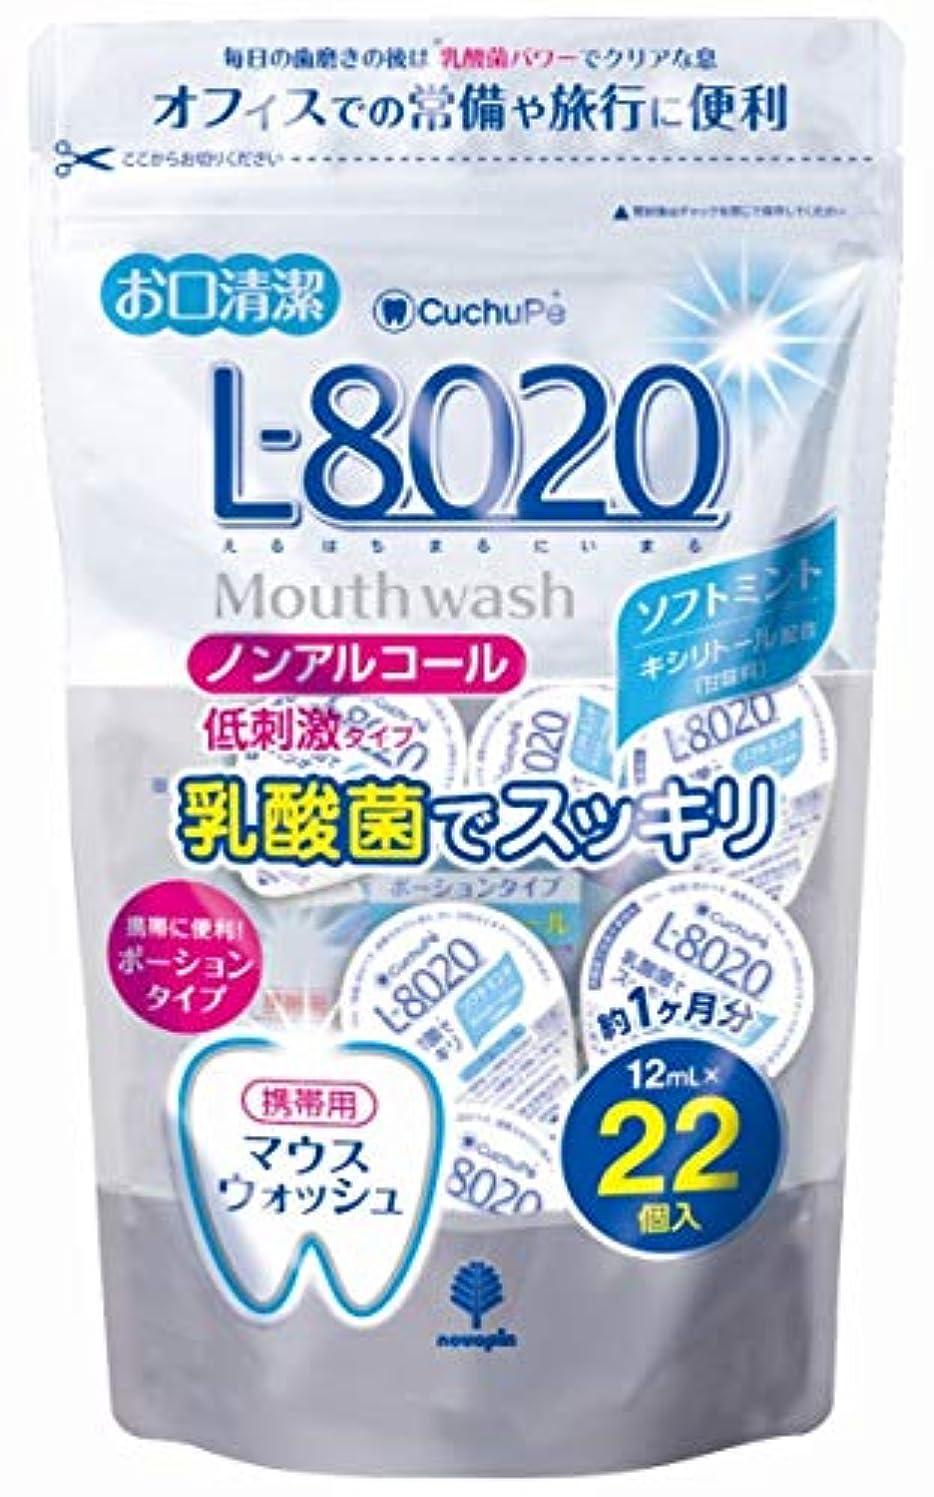 進化する炎上添付日本製 made in japan クチュッペL-8020 ソフトミント ポーションタイプ22個入(ノンアルコール) K-7096【まとめ買い6個セット】